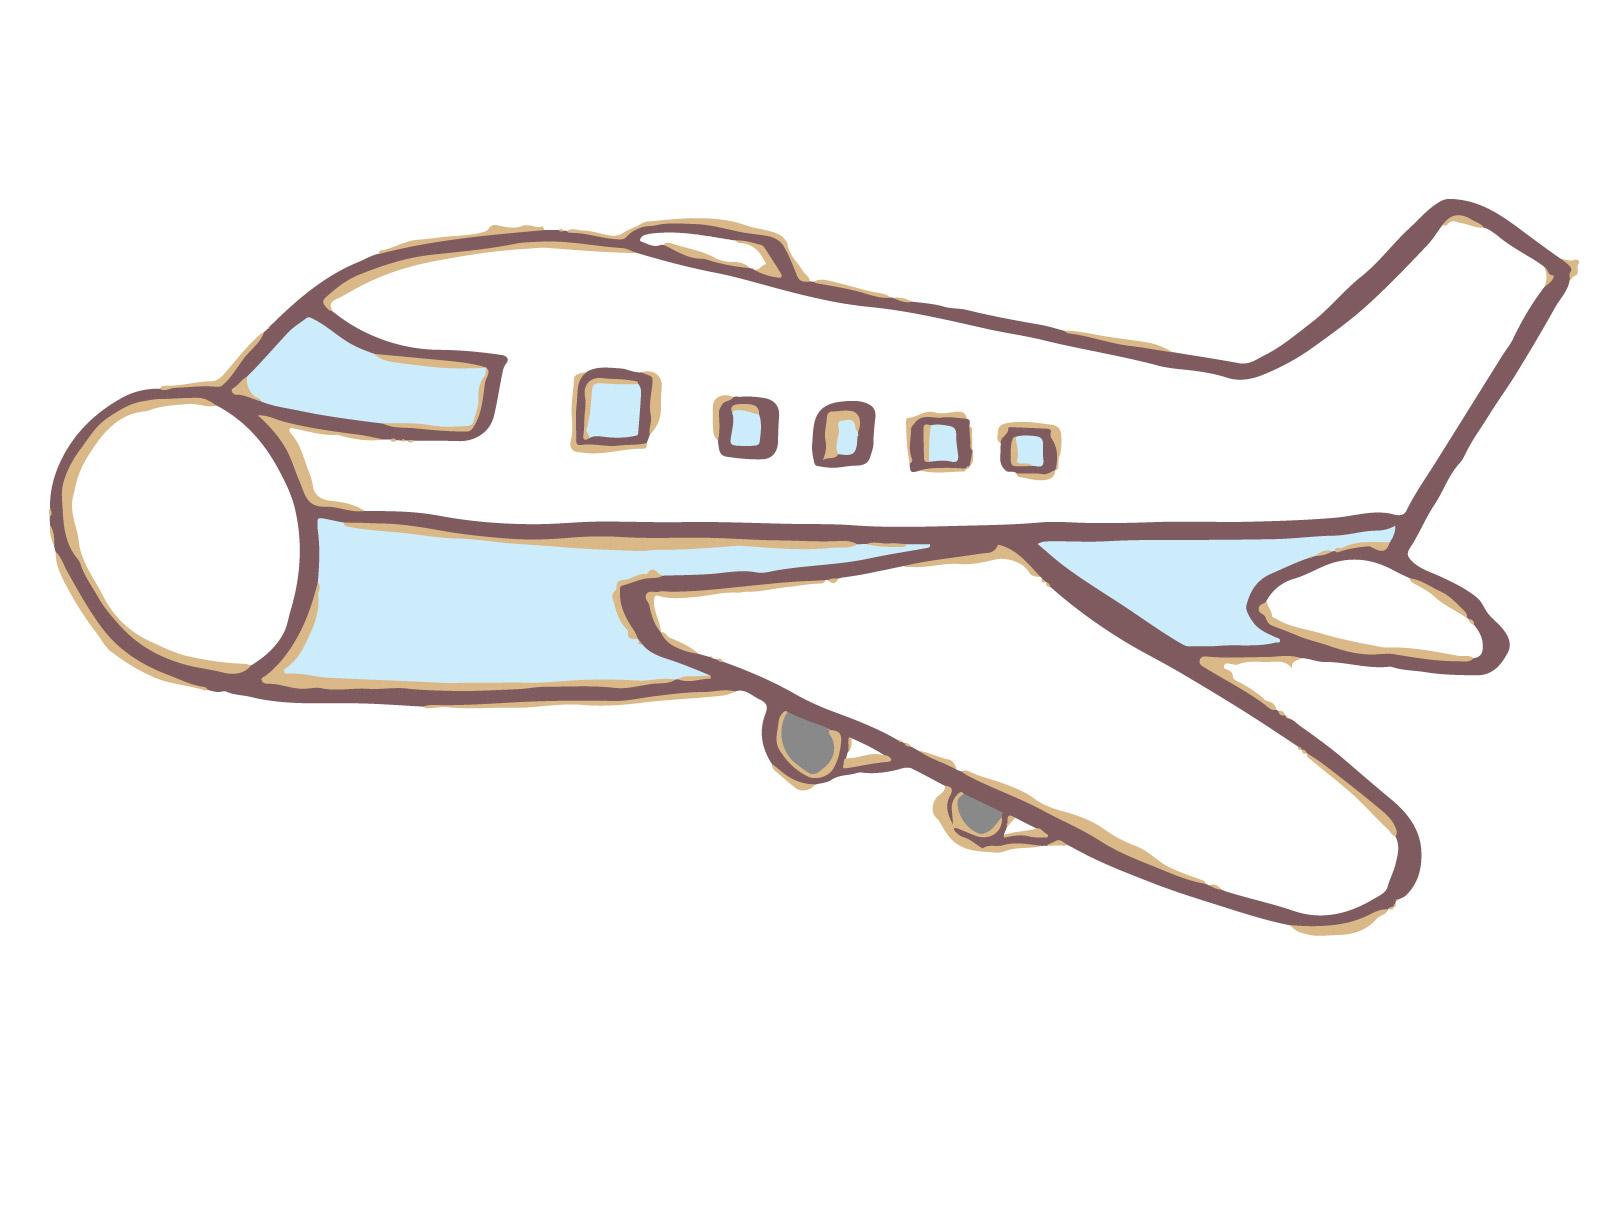 サンチアゴ航空513便事件の謎と真相と嘘!完全論破します